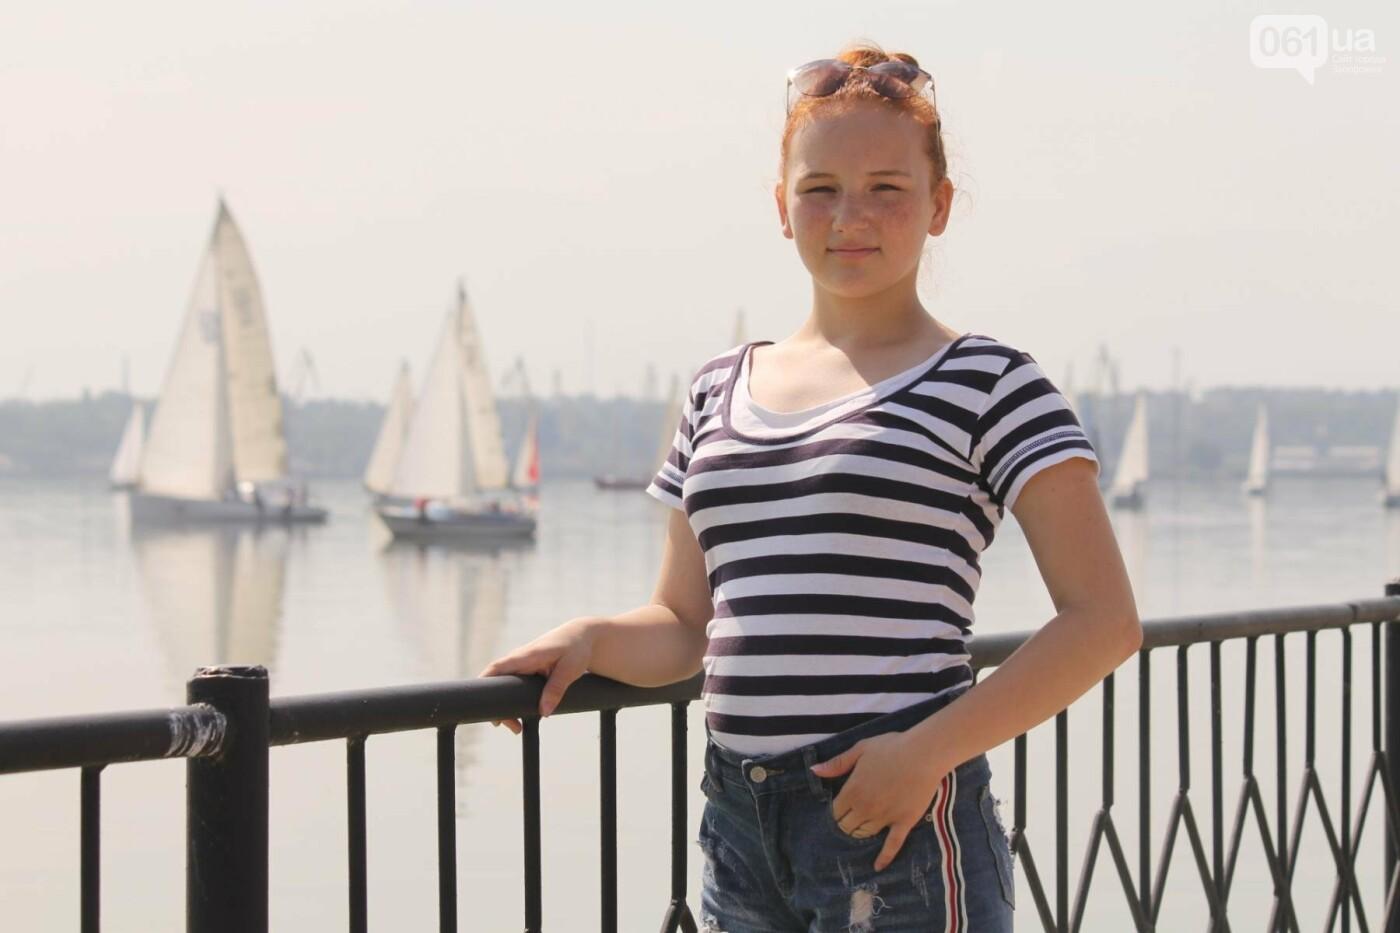 Сотни спортсменов и десятки яхт: как в Запорожье проходит парусная регата, – ФОТОРЕПОРТАЖ, фото-21